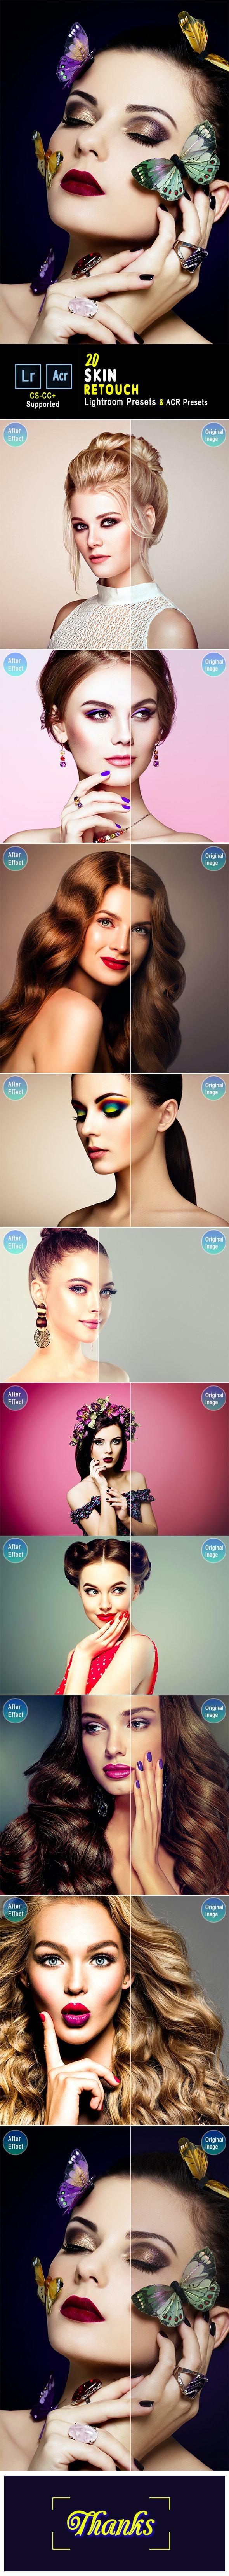 20 Skin Retouch Lightroom Presets & ACR Presets - Lightroom Presets Add-ons